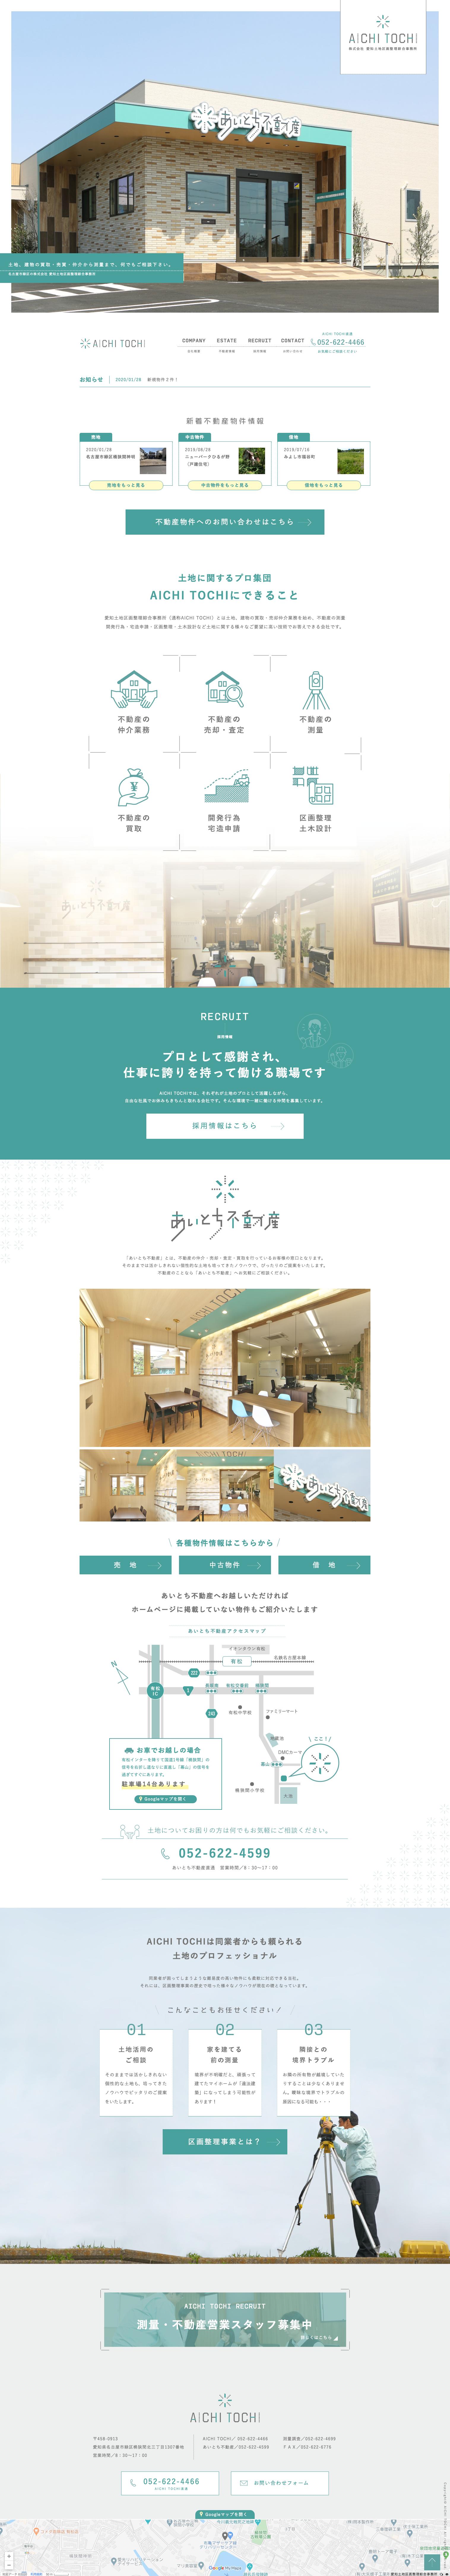 土地区画整理事業・不動産屋のホームページデザイン